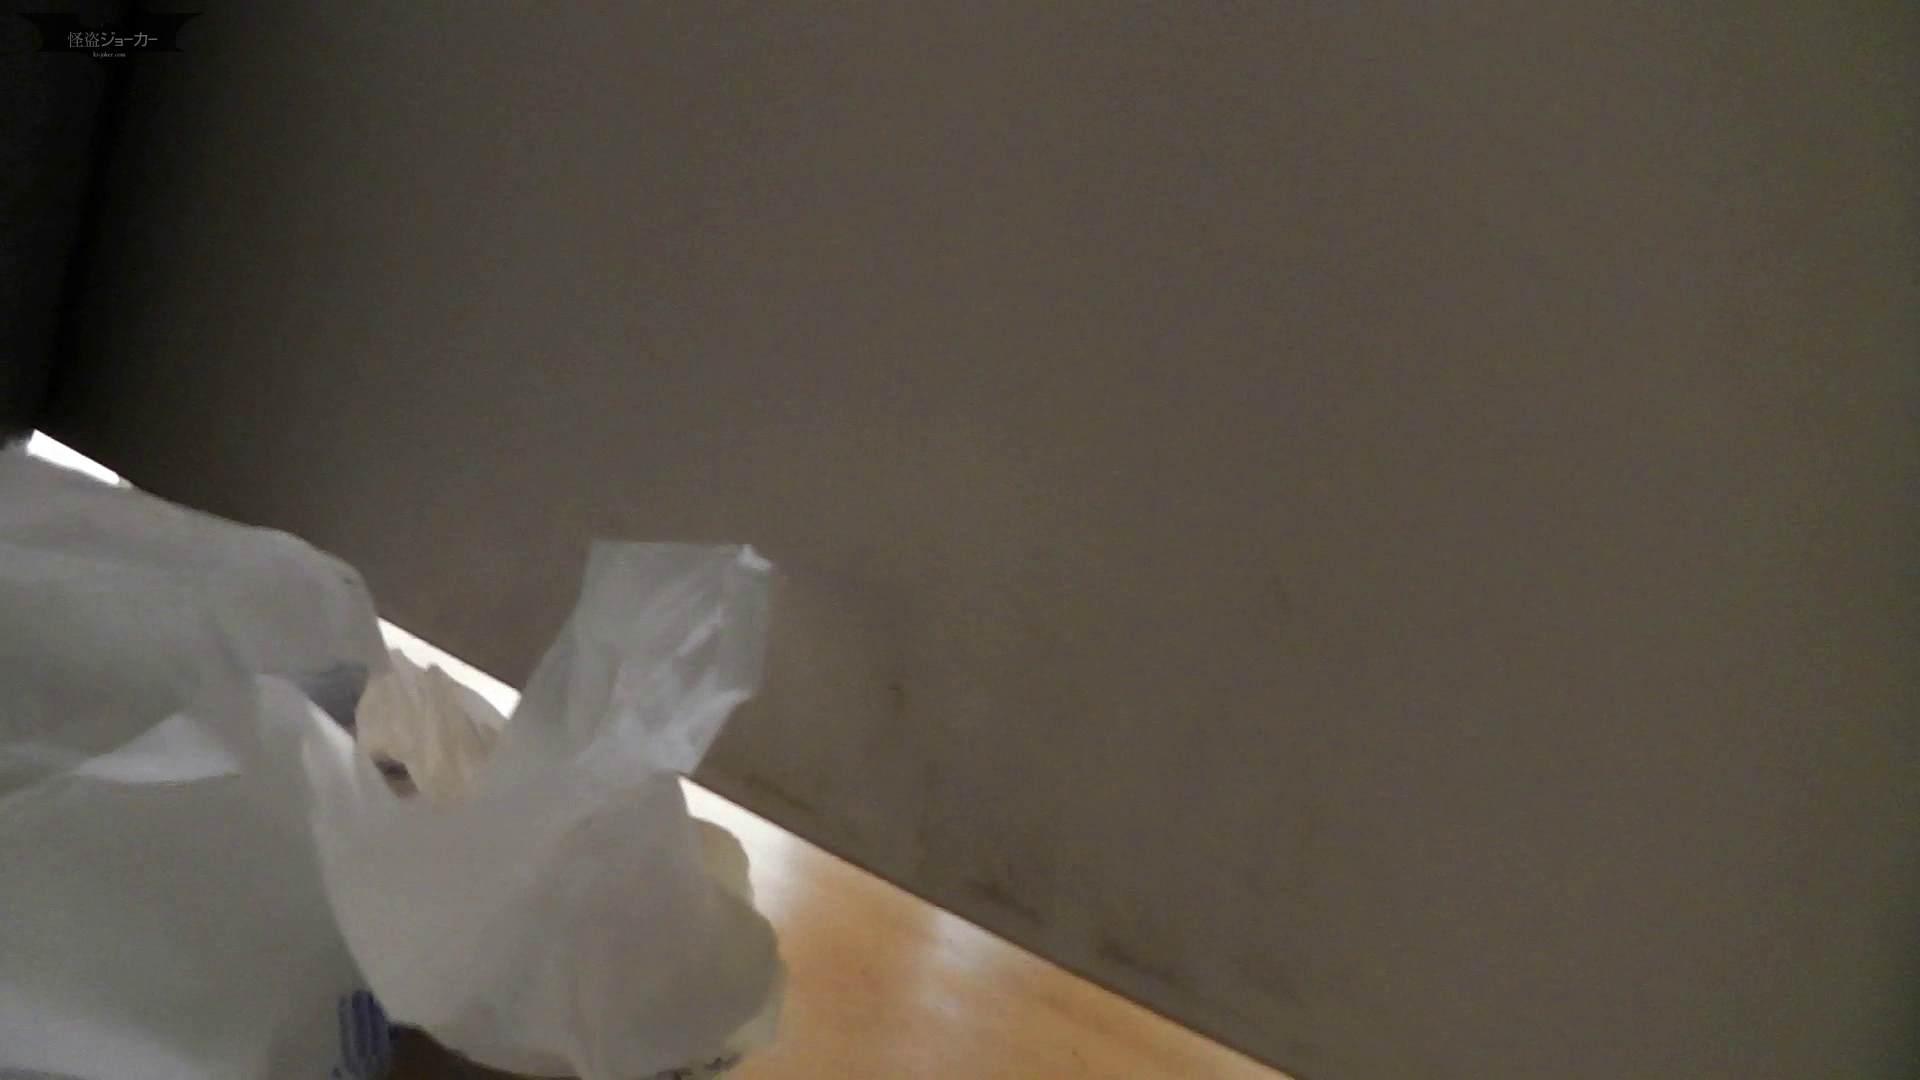 美しい日本の未来 No.03 本格化!【2015・04位】 ギャル攻め ワレメ無修正動画無料 106画像 14